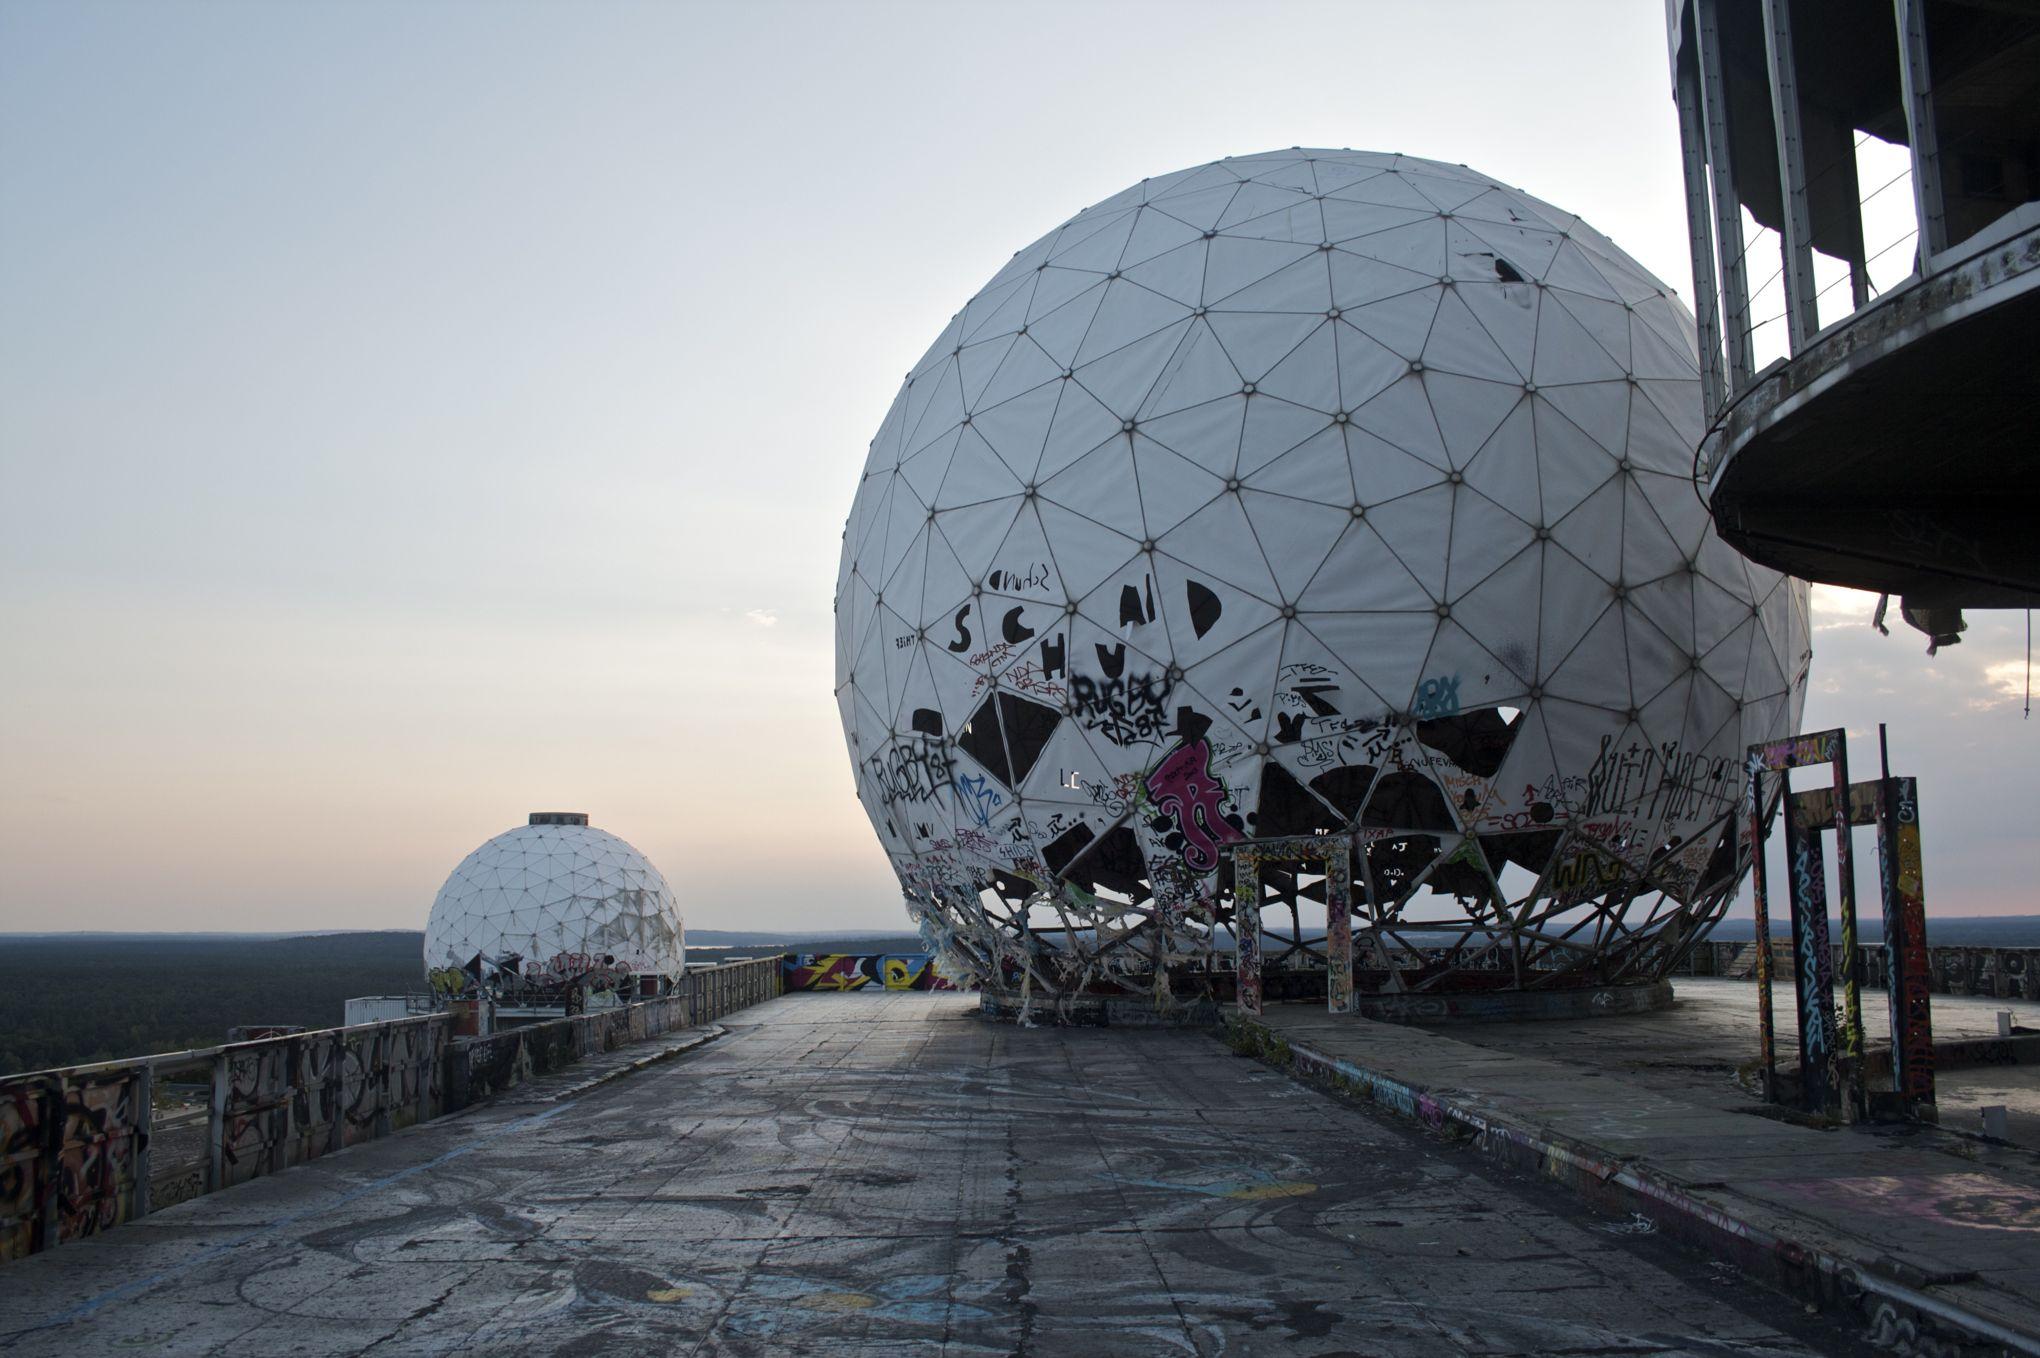 Cinq lieux d'espionnage à visiter le temps d'un séjour à Berlin